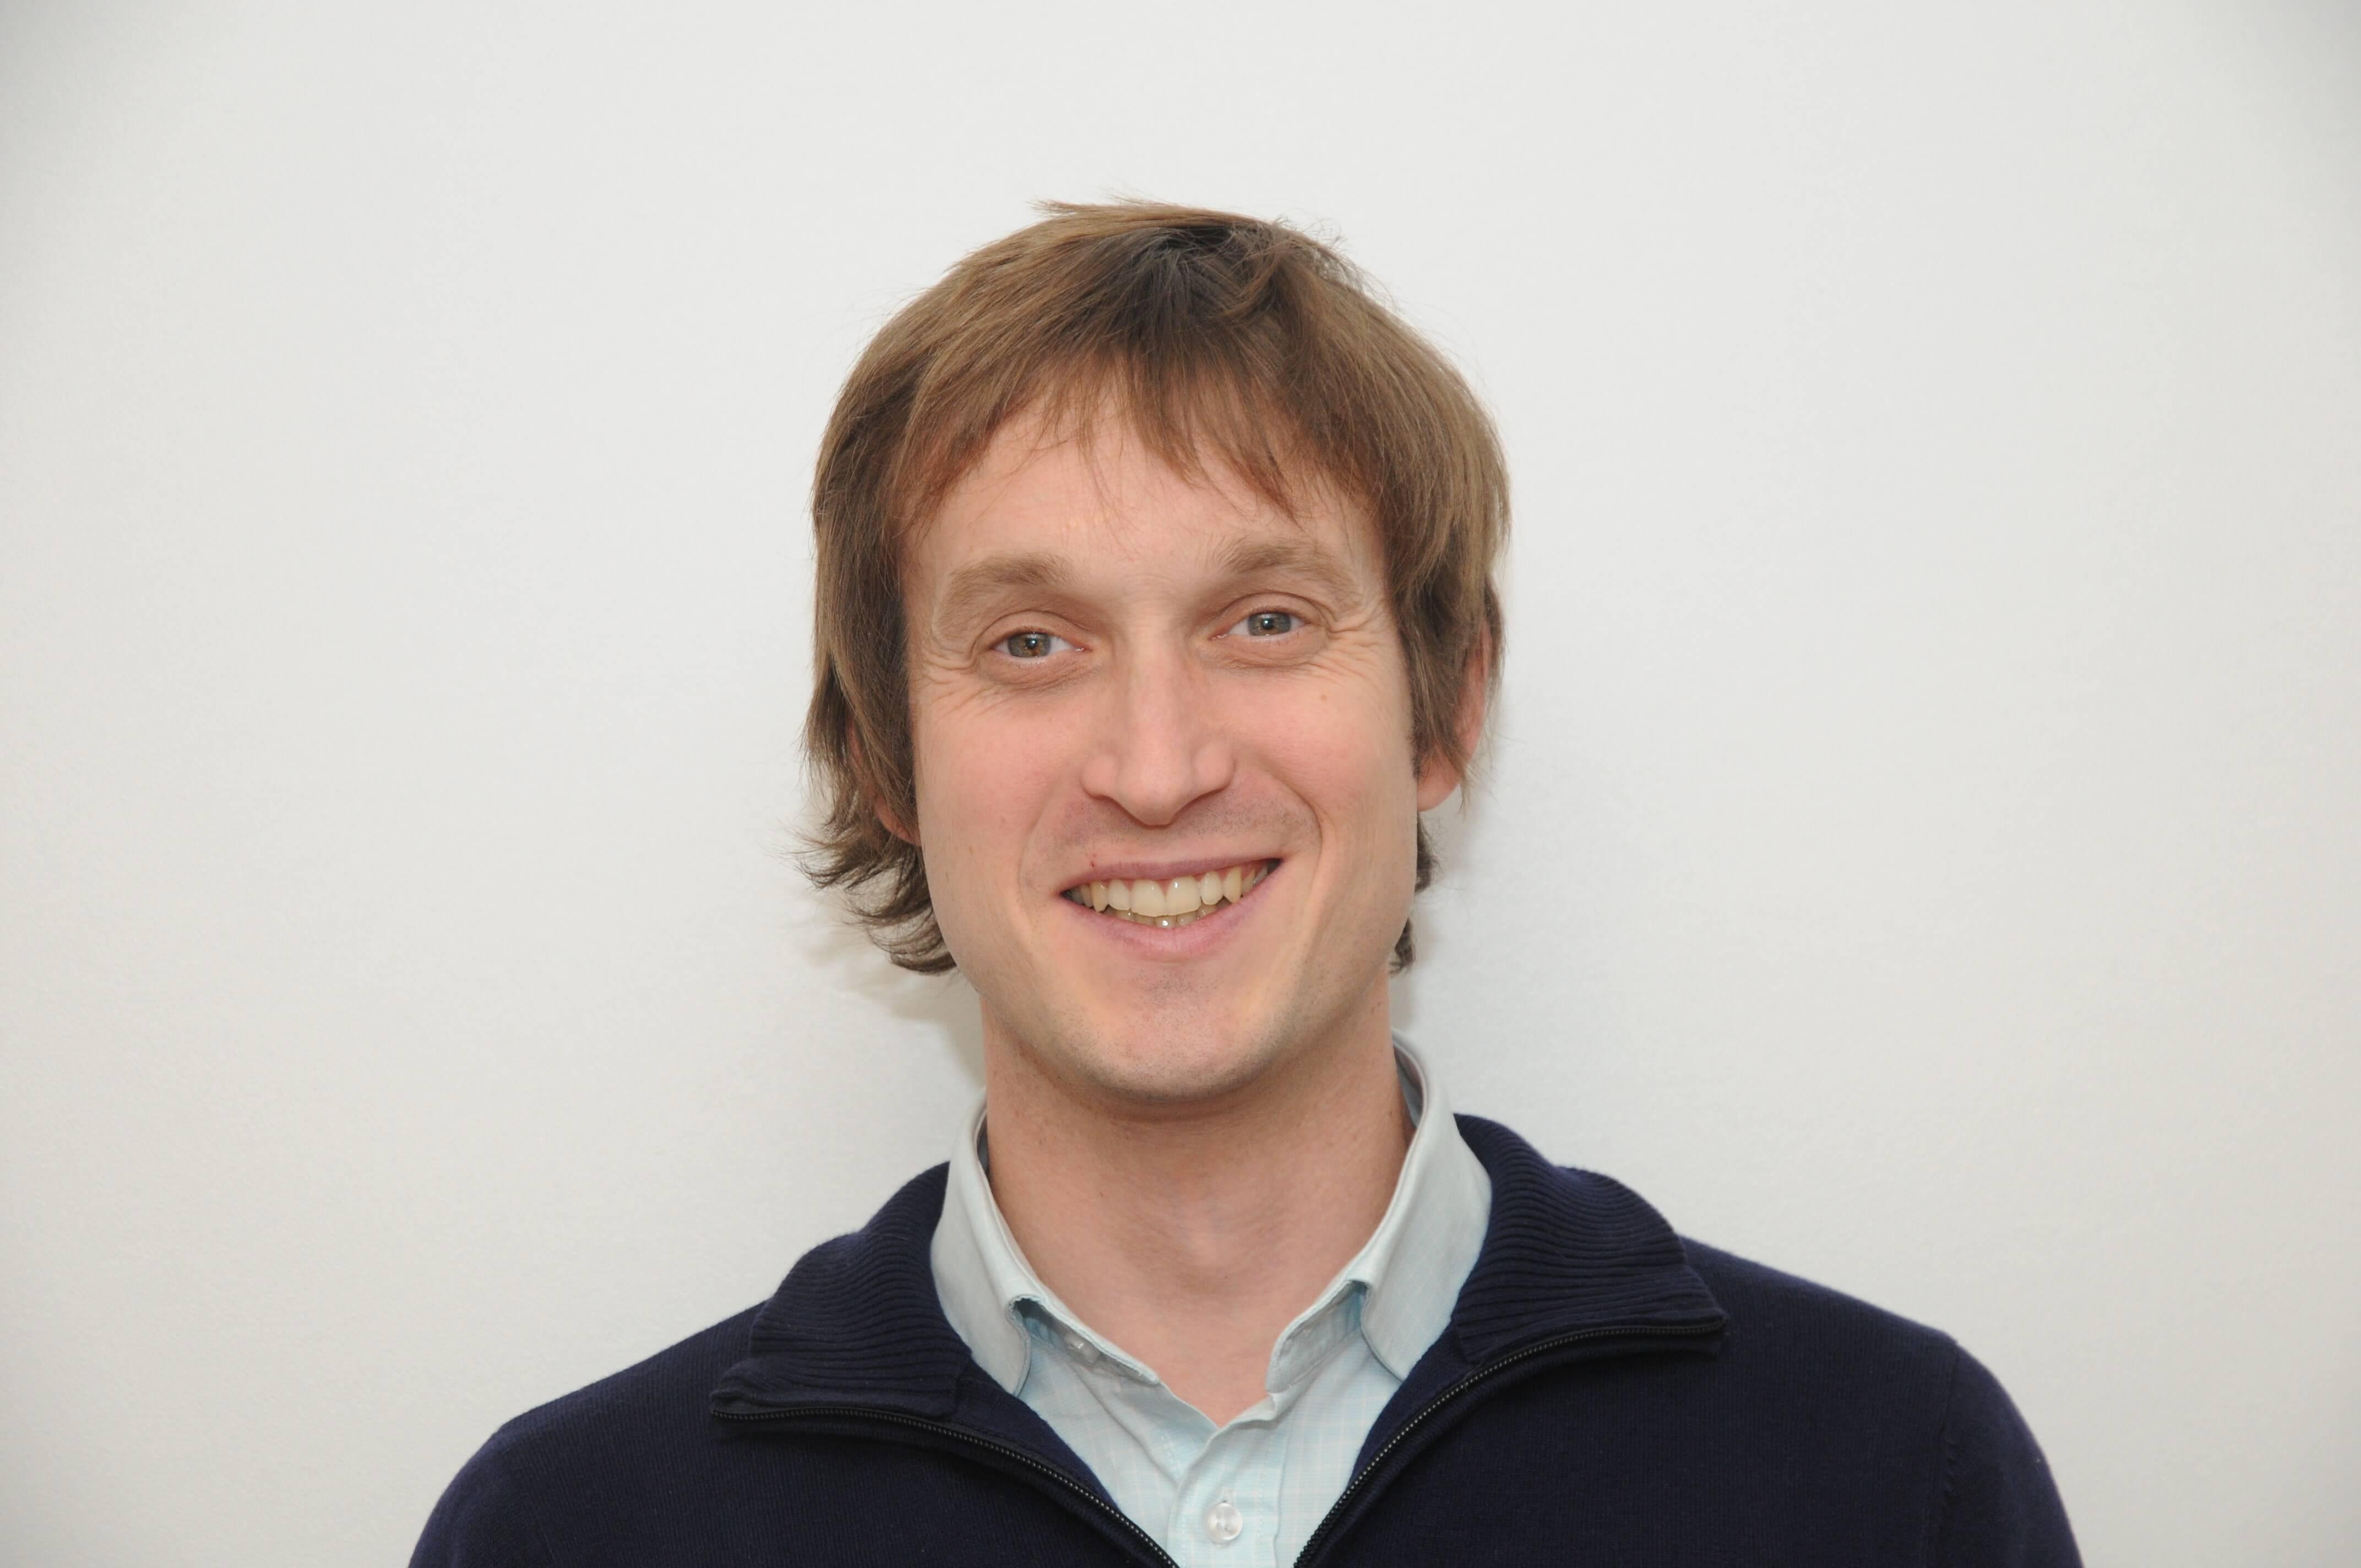 Par Sébastien Huet, Customer Success Manager chez Dynatrace